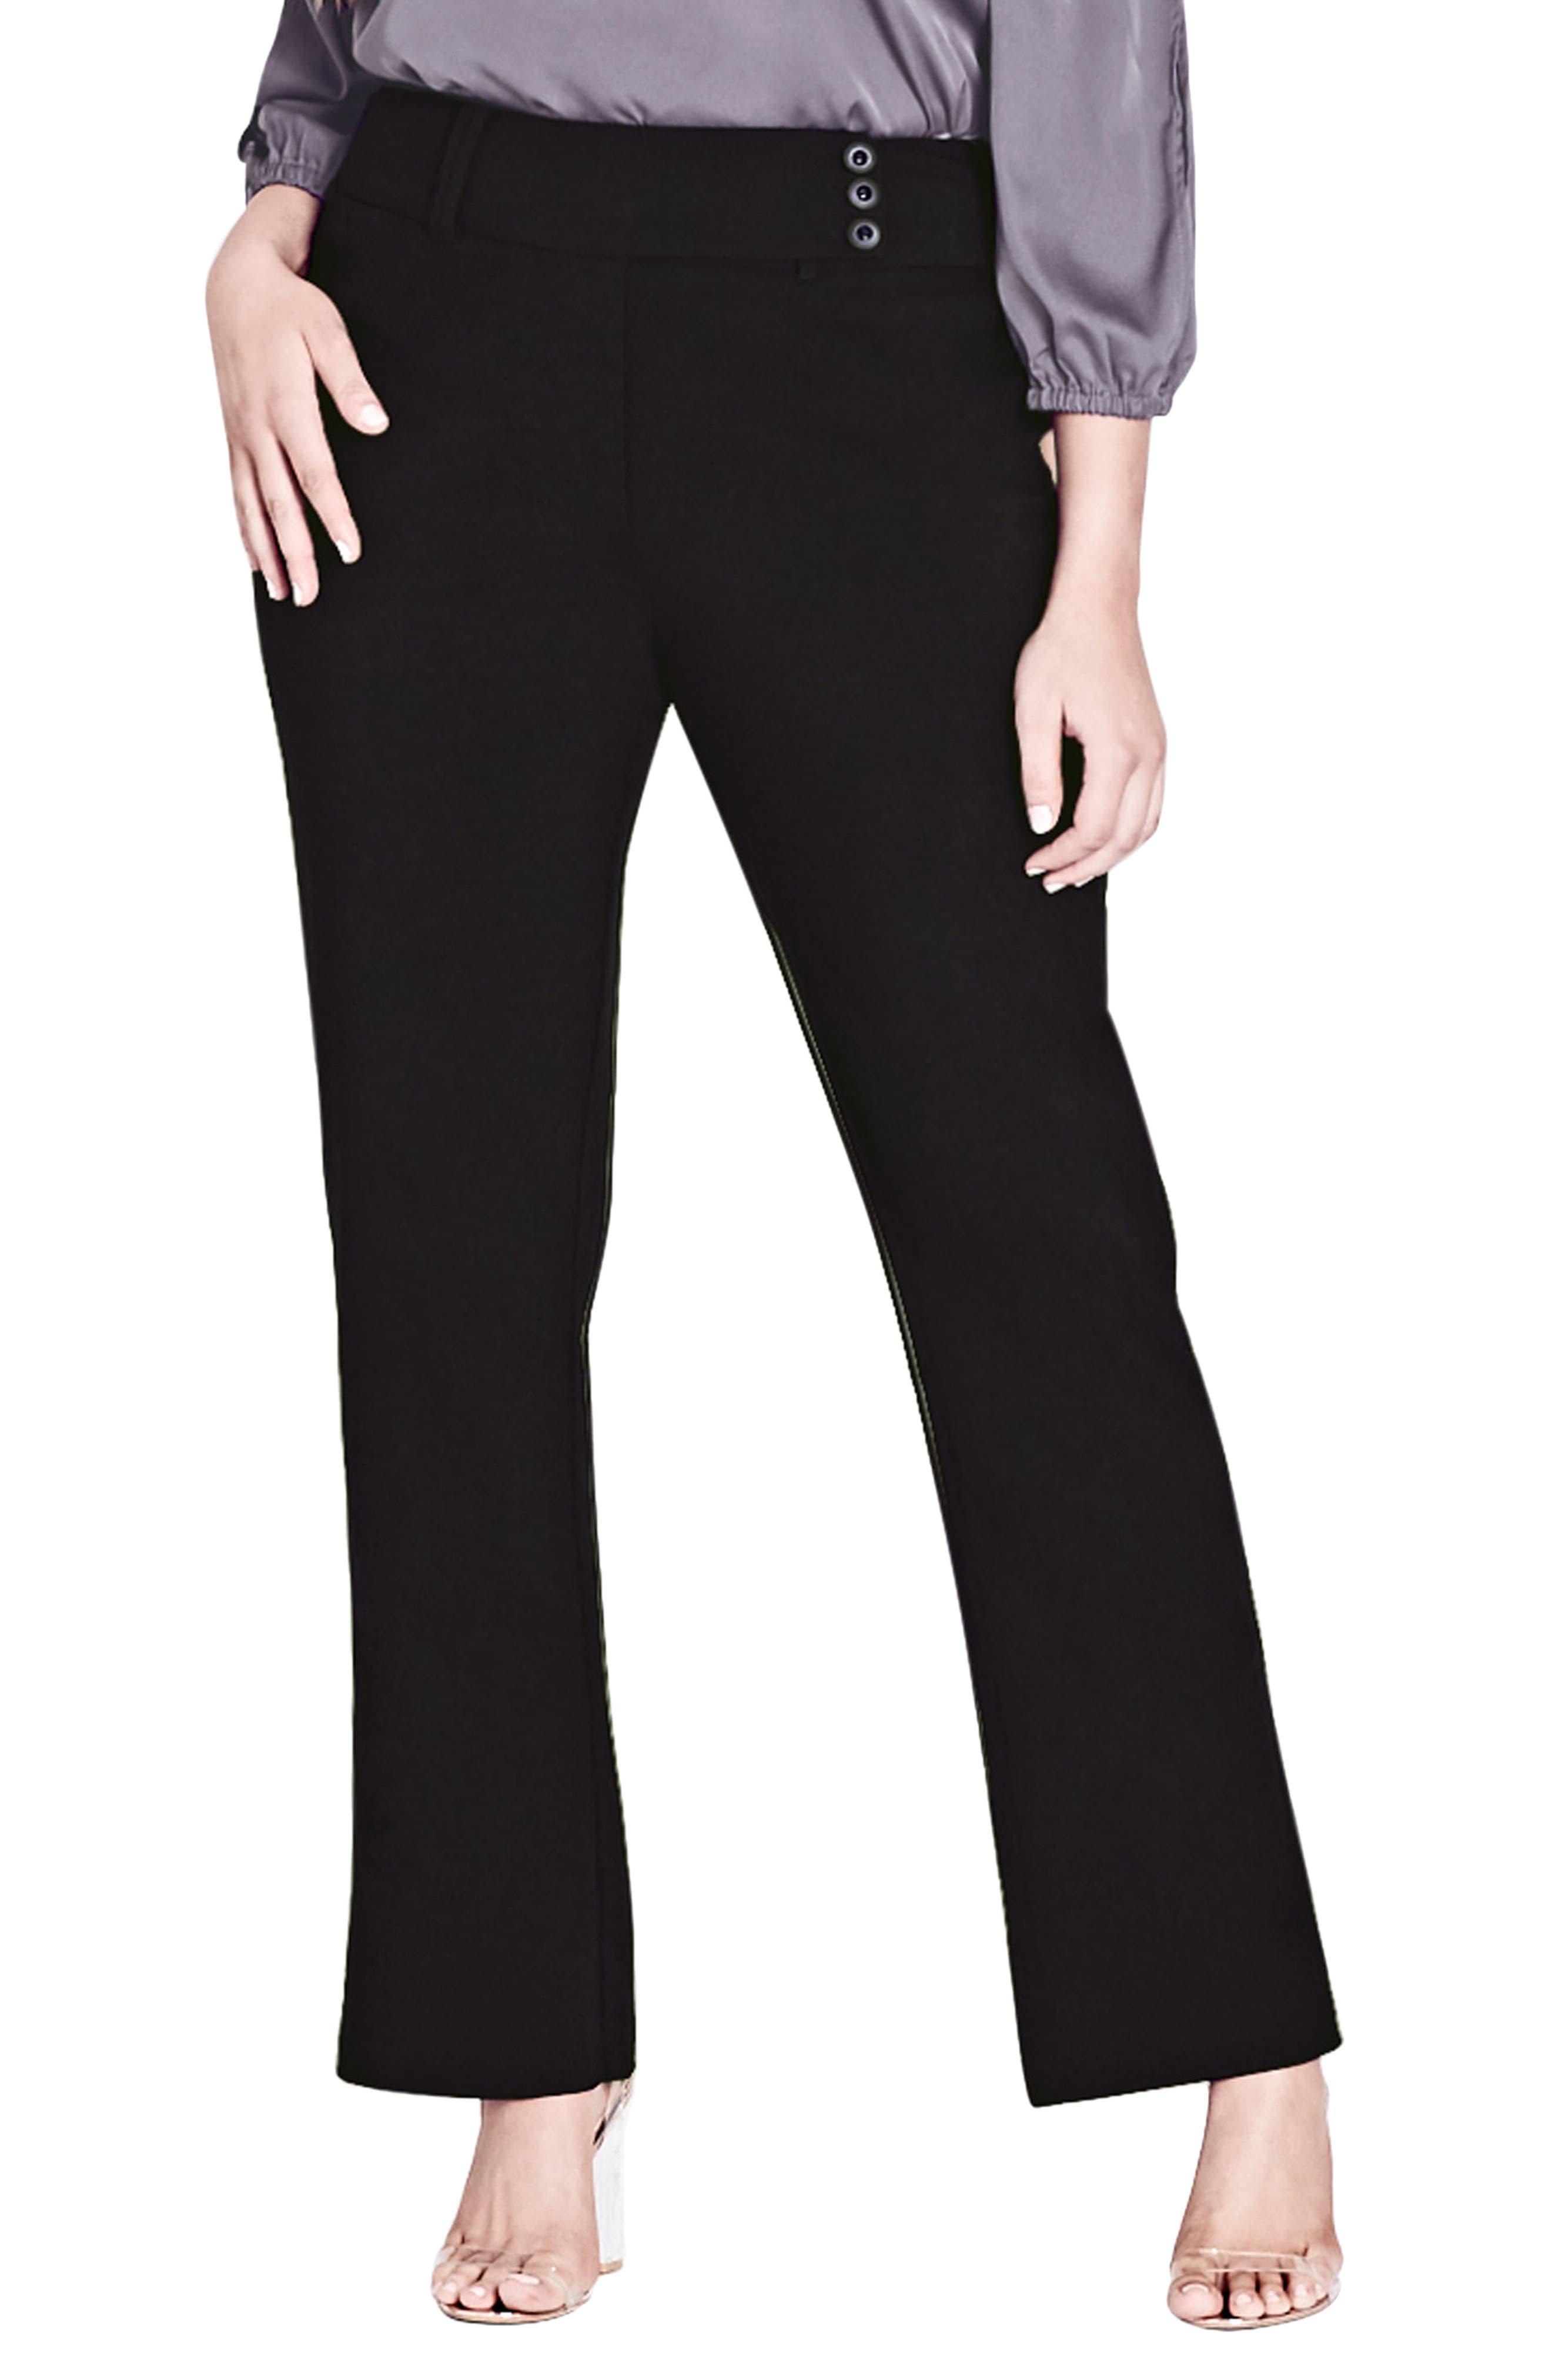 Main Image - City Chic Smart Bengaline Pants (Plus Size)